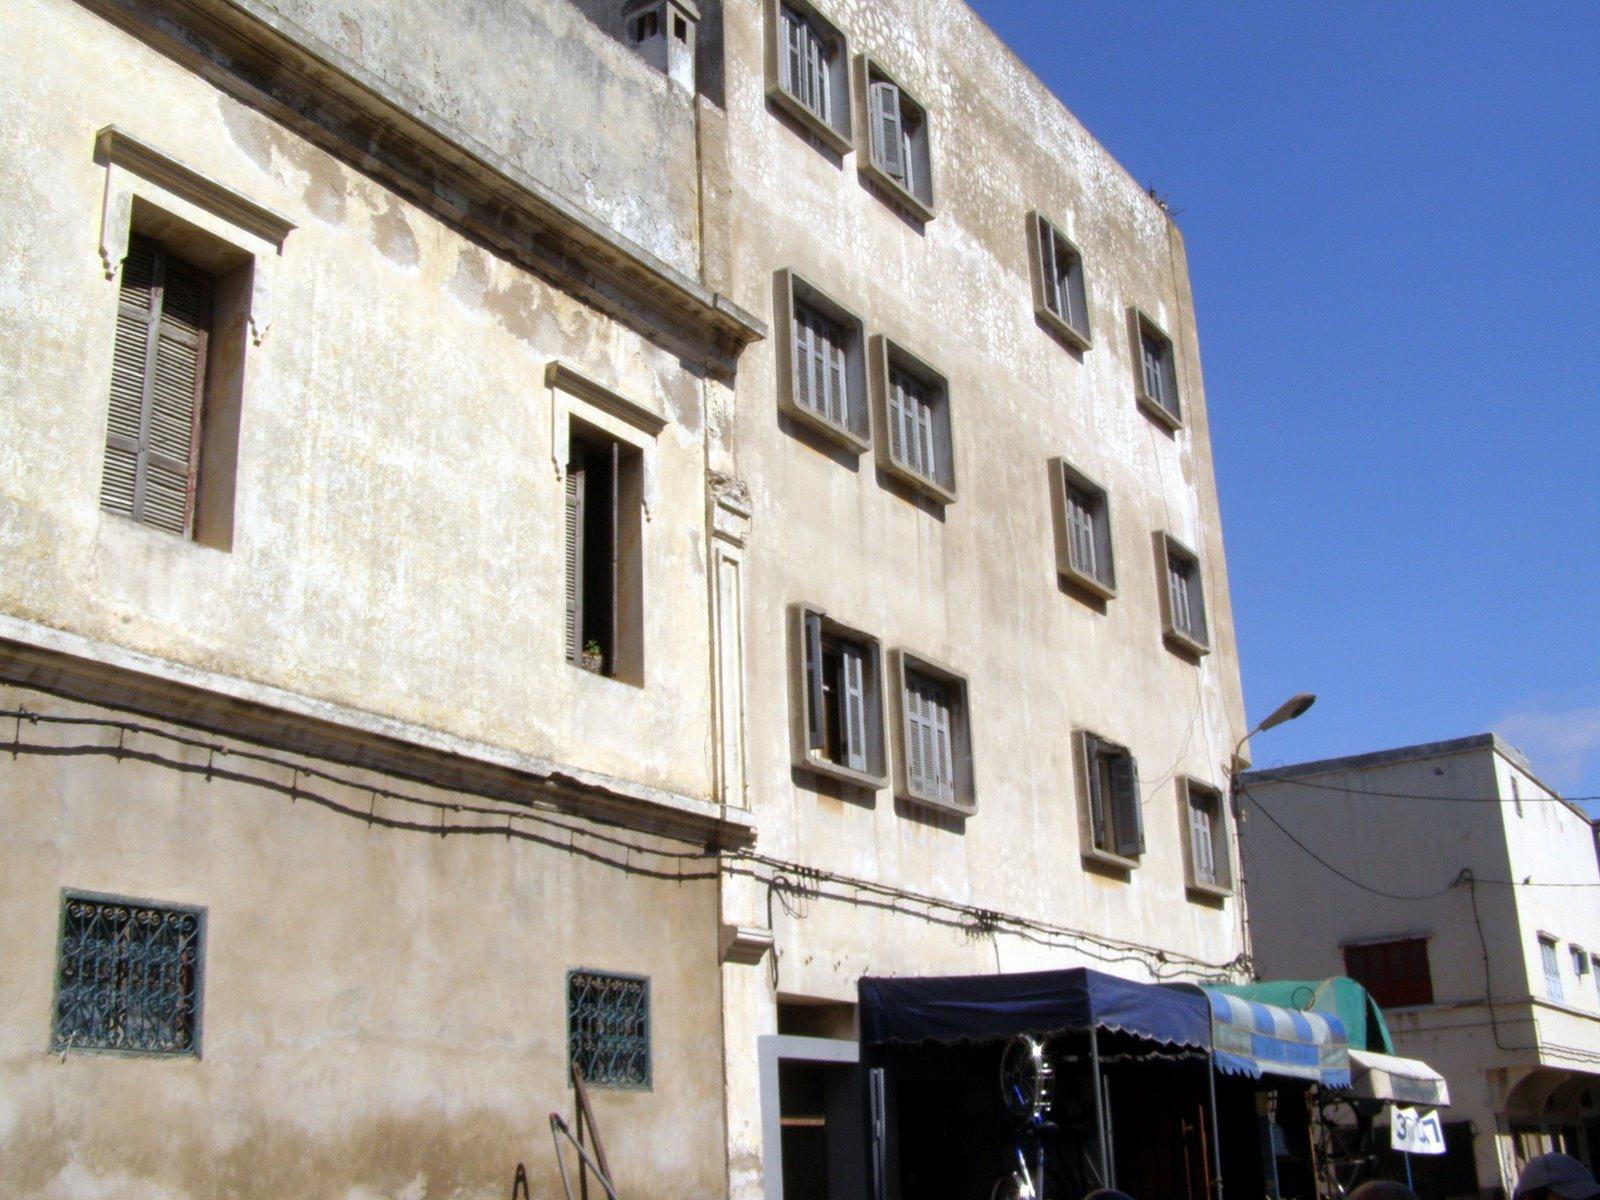 safi 2011 l 39 ann e de nos retrouvailles safi le petit hammam bouhmid de l 39 impasse. Black Bedroom Furniture Sets. Home Design Ideas